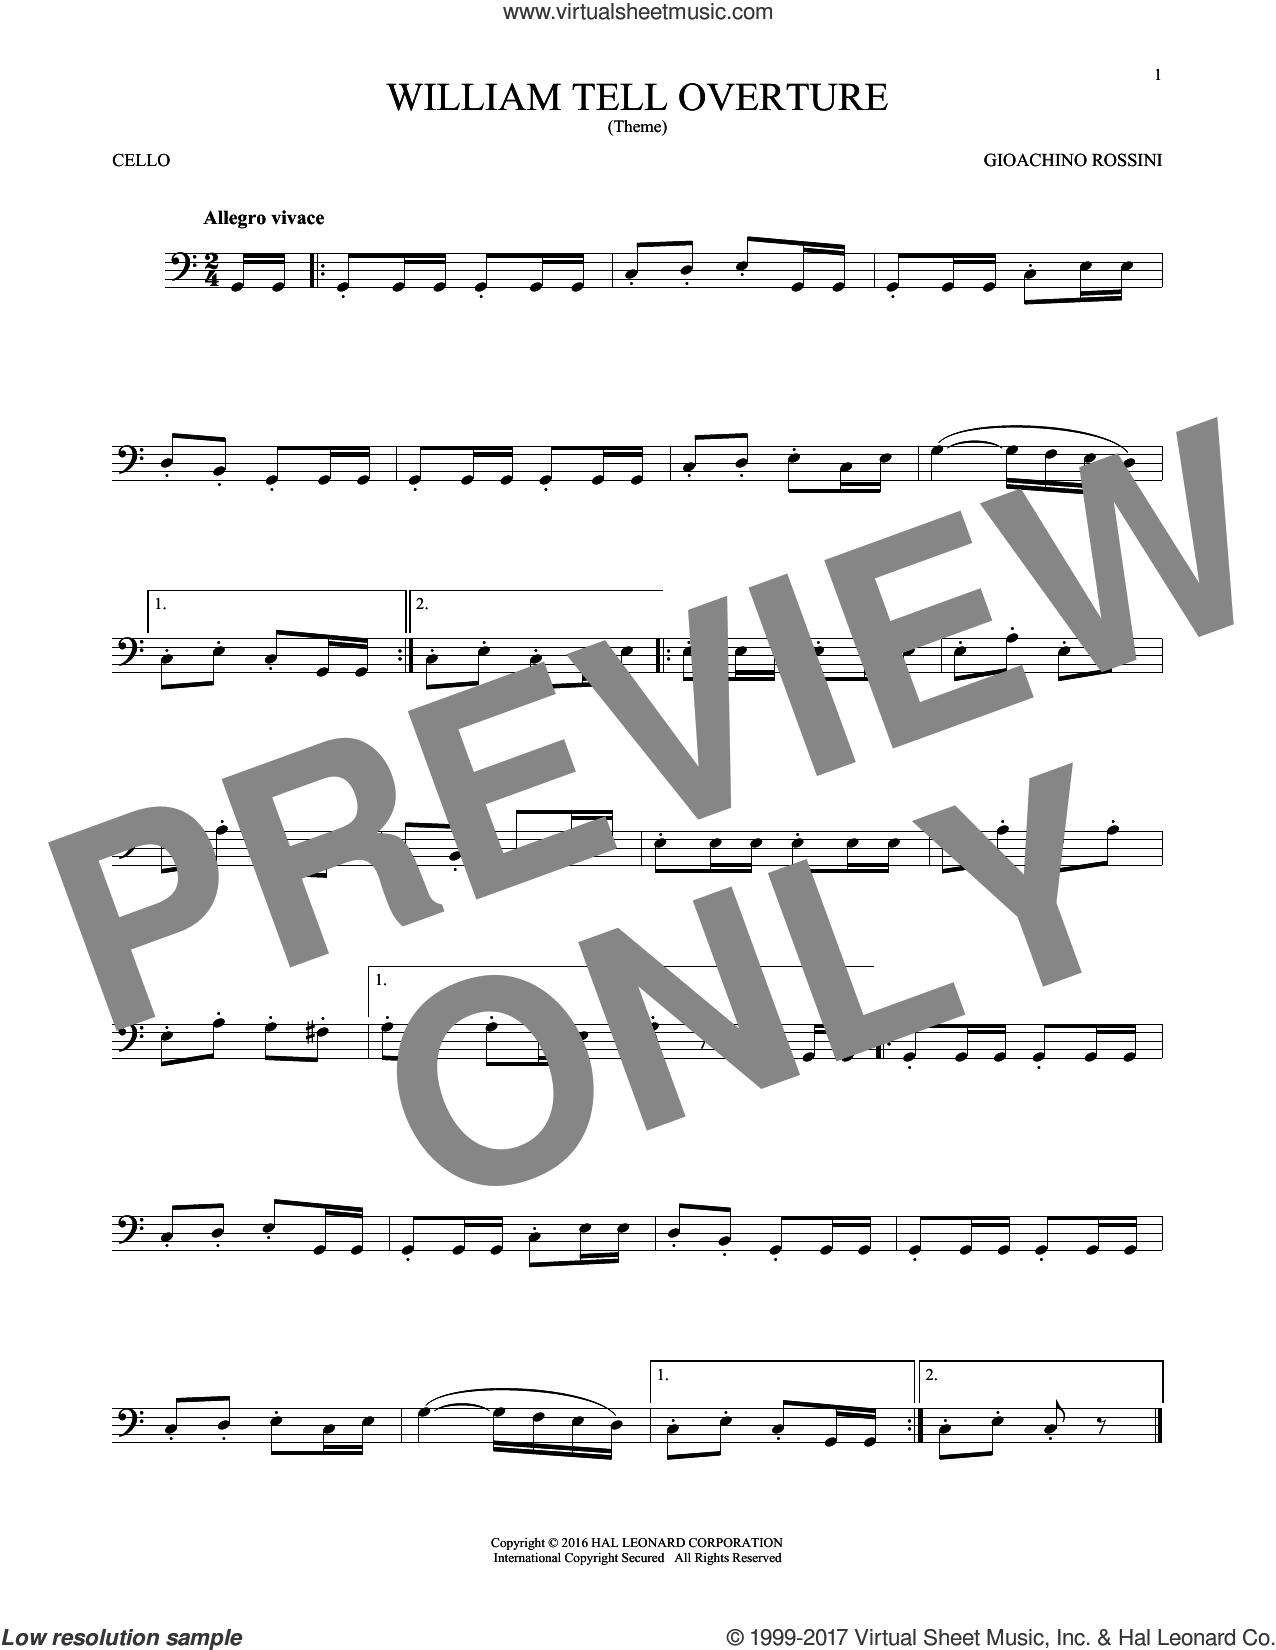 William Tell Overture sheet music for cello solo by Rossini, Gioacchino, classical score, intermediate skill level